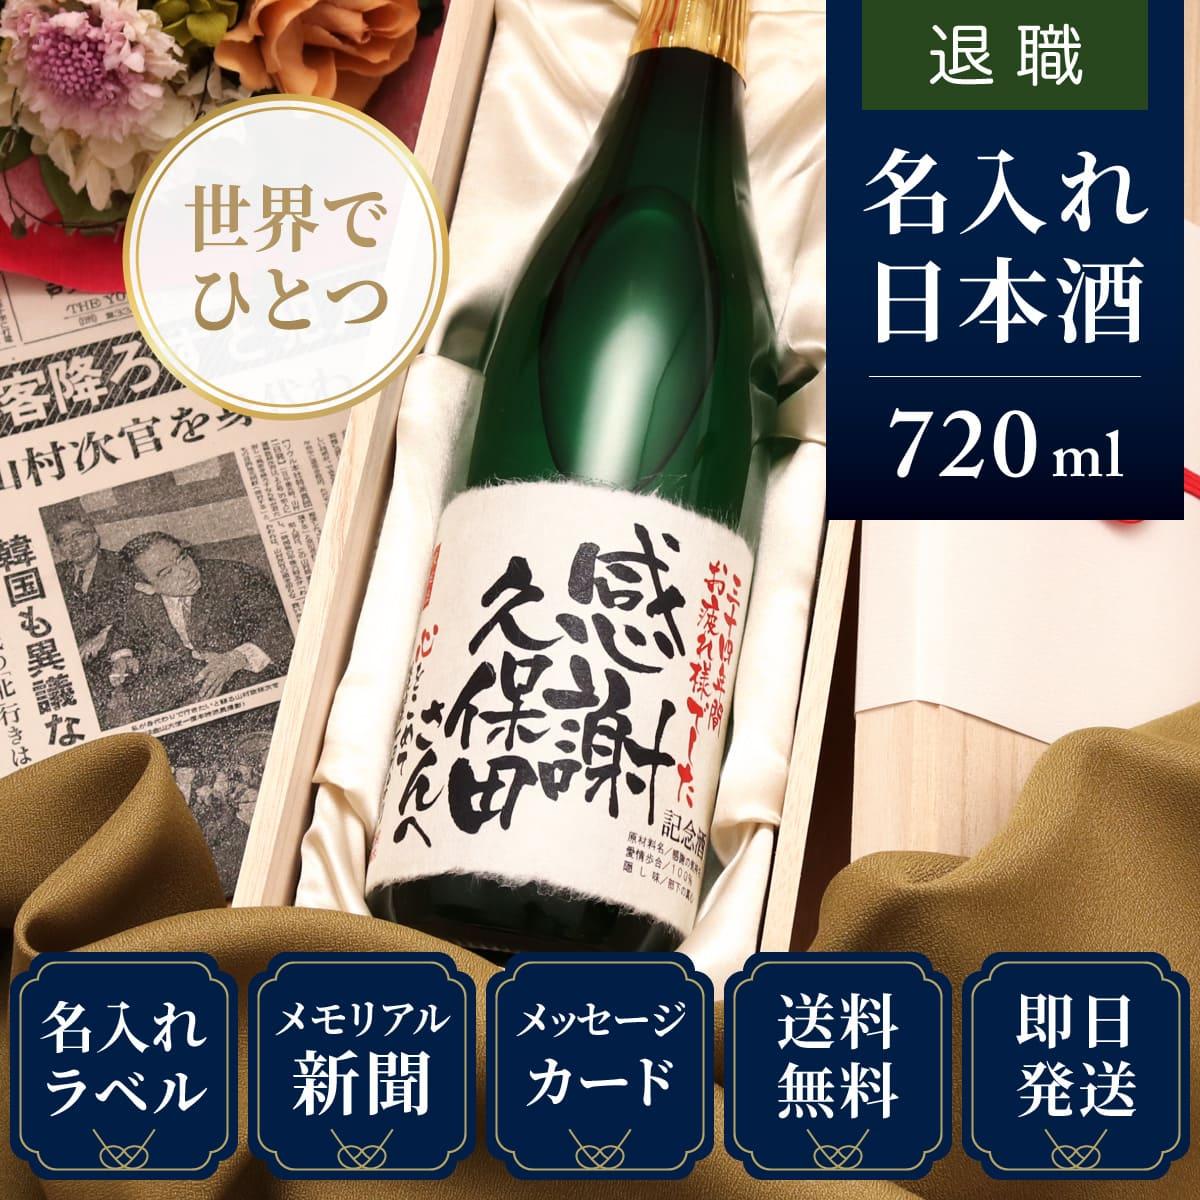 【退職のお祝いに】記念日新聞付き名入れ日本酒720ml≪若葉≫【純米大吟醸】